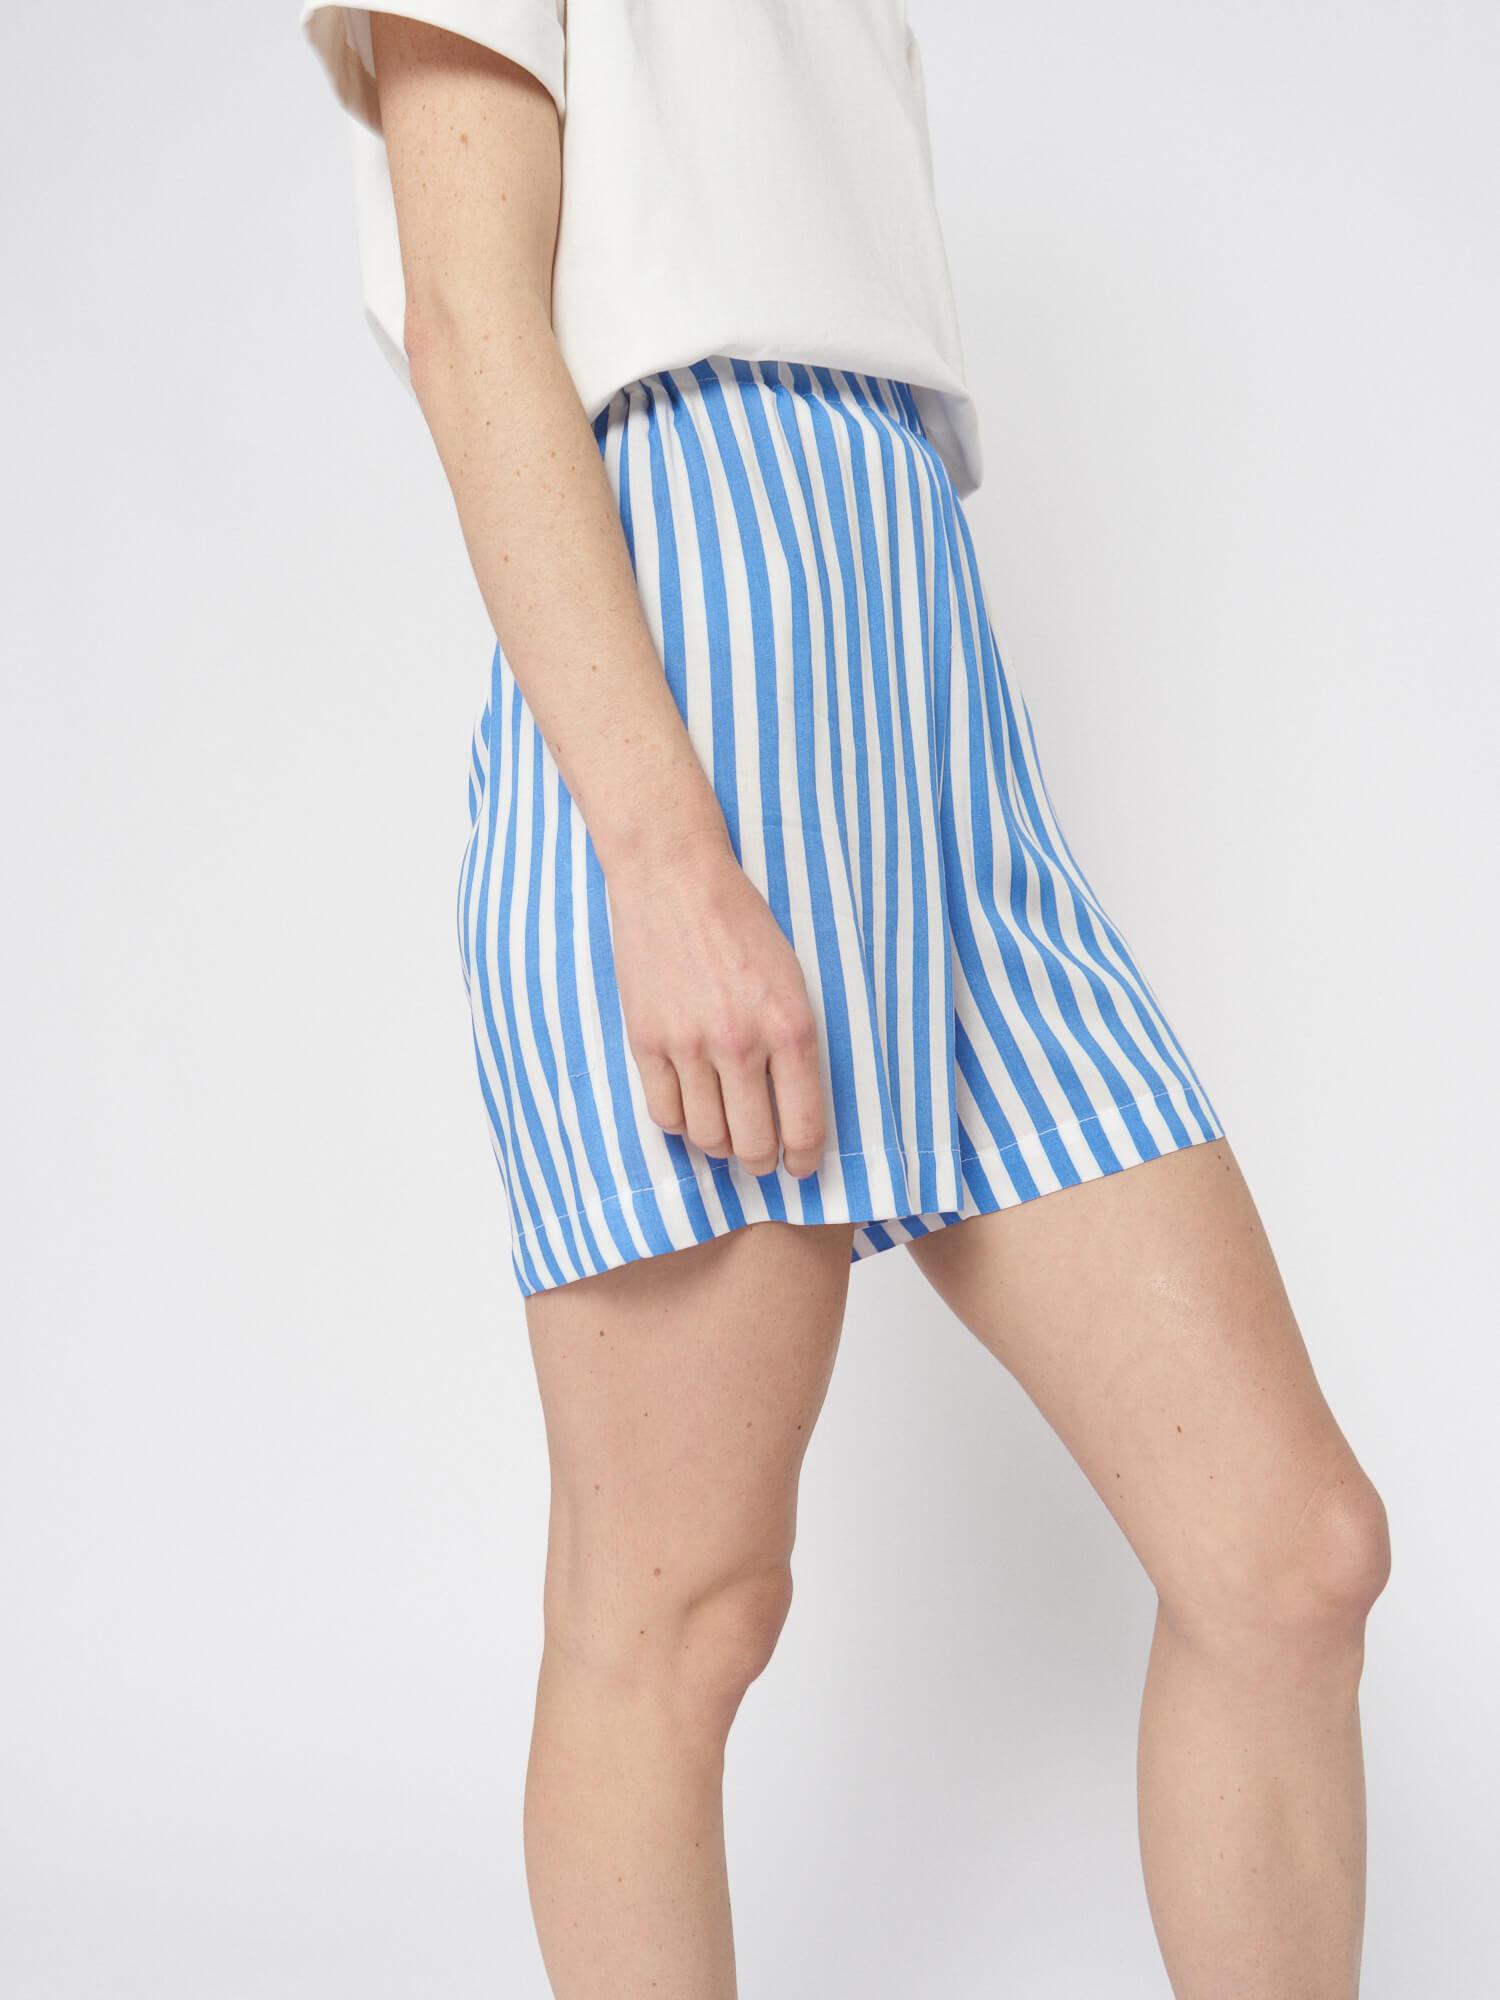 Мини–шорты в полоску Lexi в пижамном стиле, Голубой